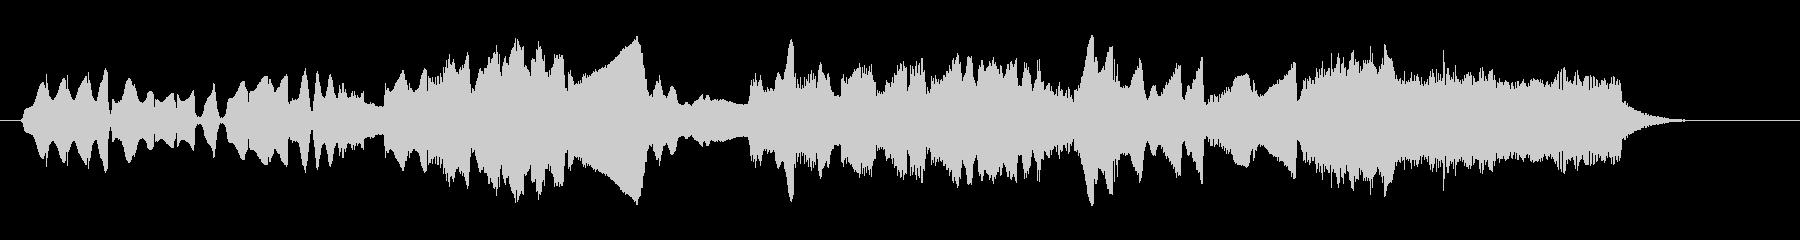 鍵盤ハーモニカとオルガンによる牧歌の未再生の波形